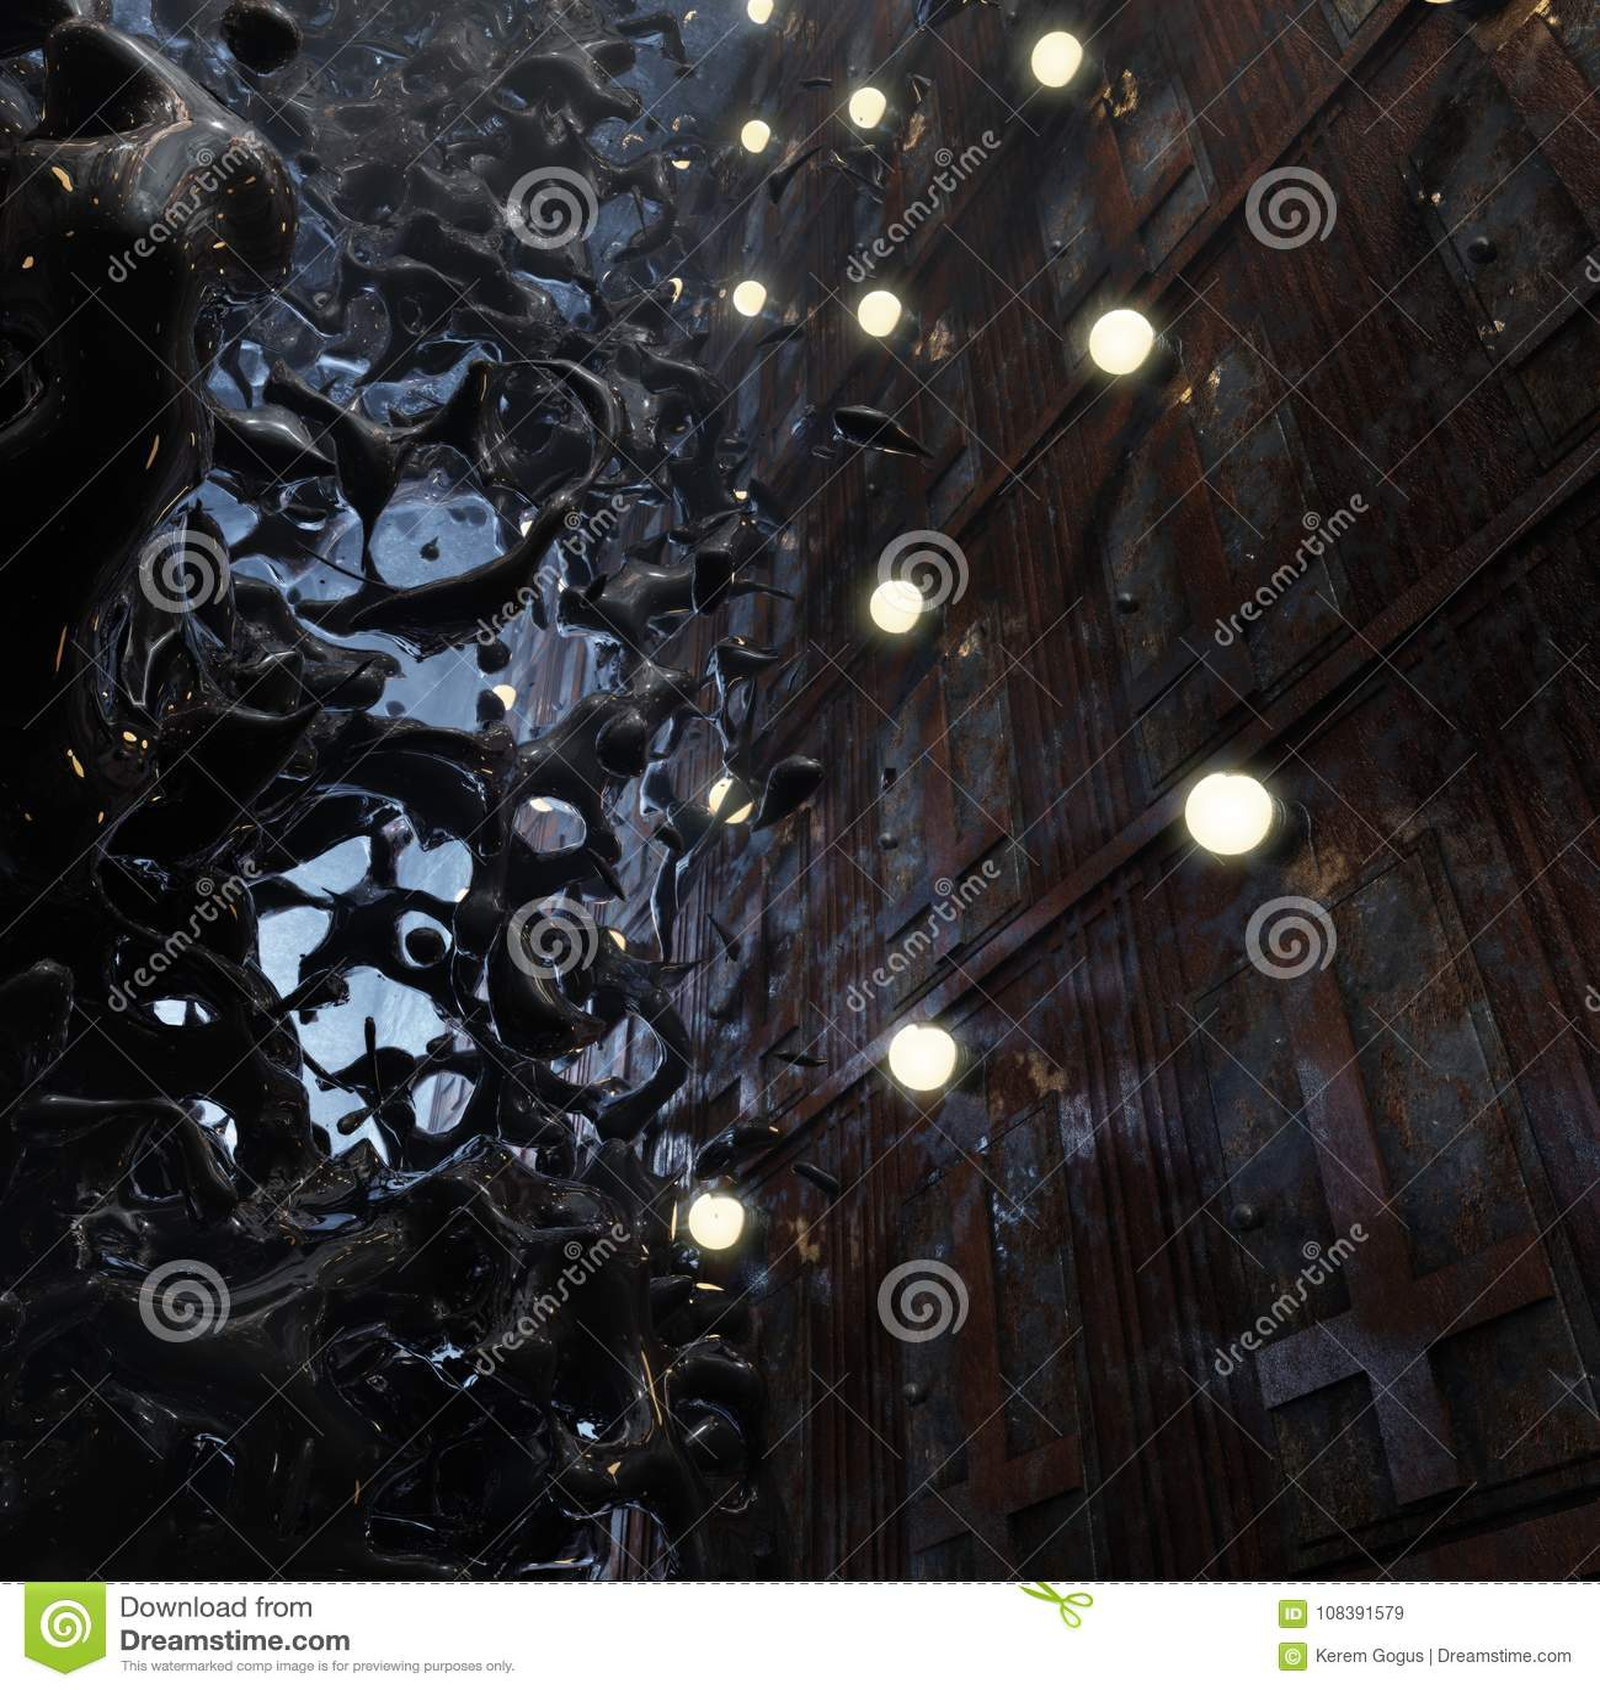 Forbidden Doors Nightmare Concept Art